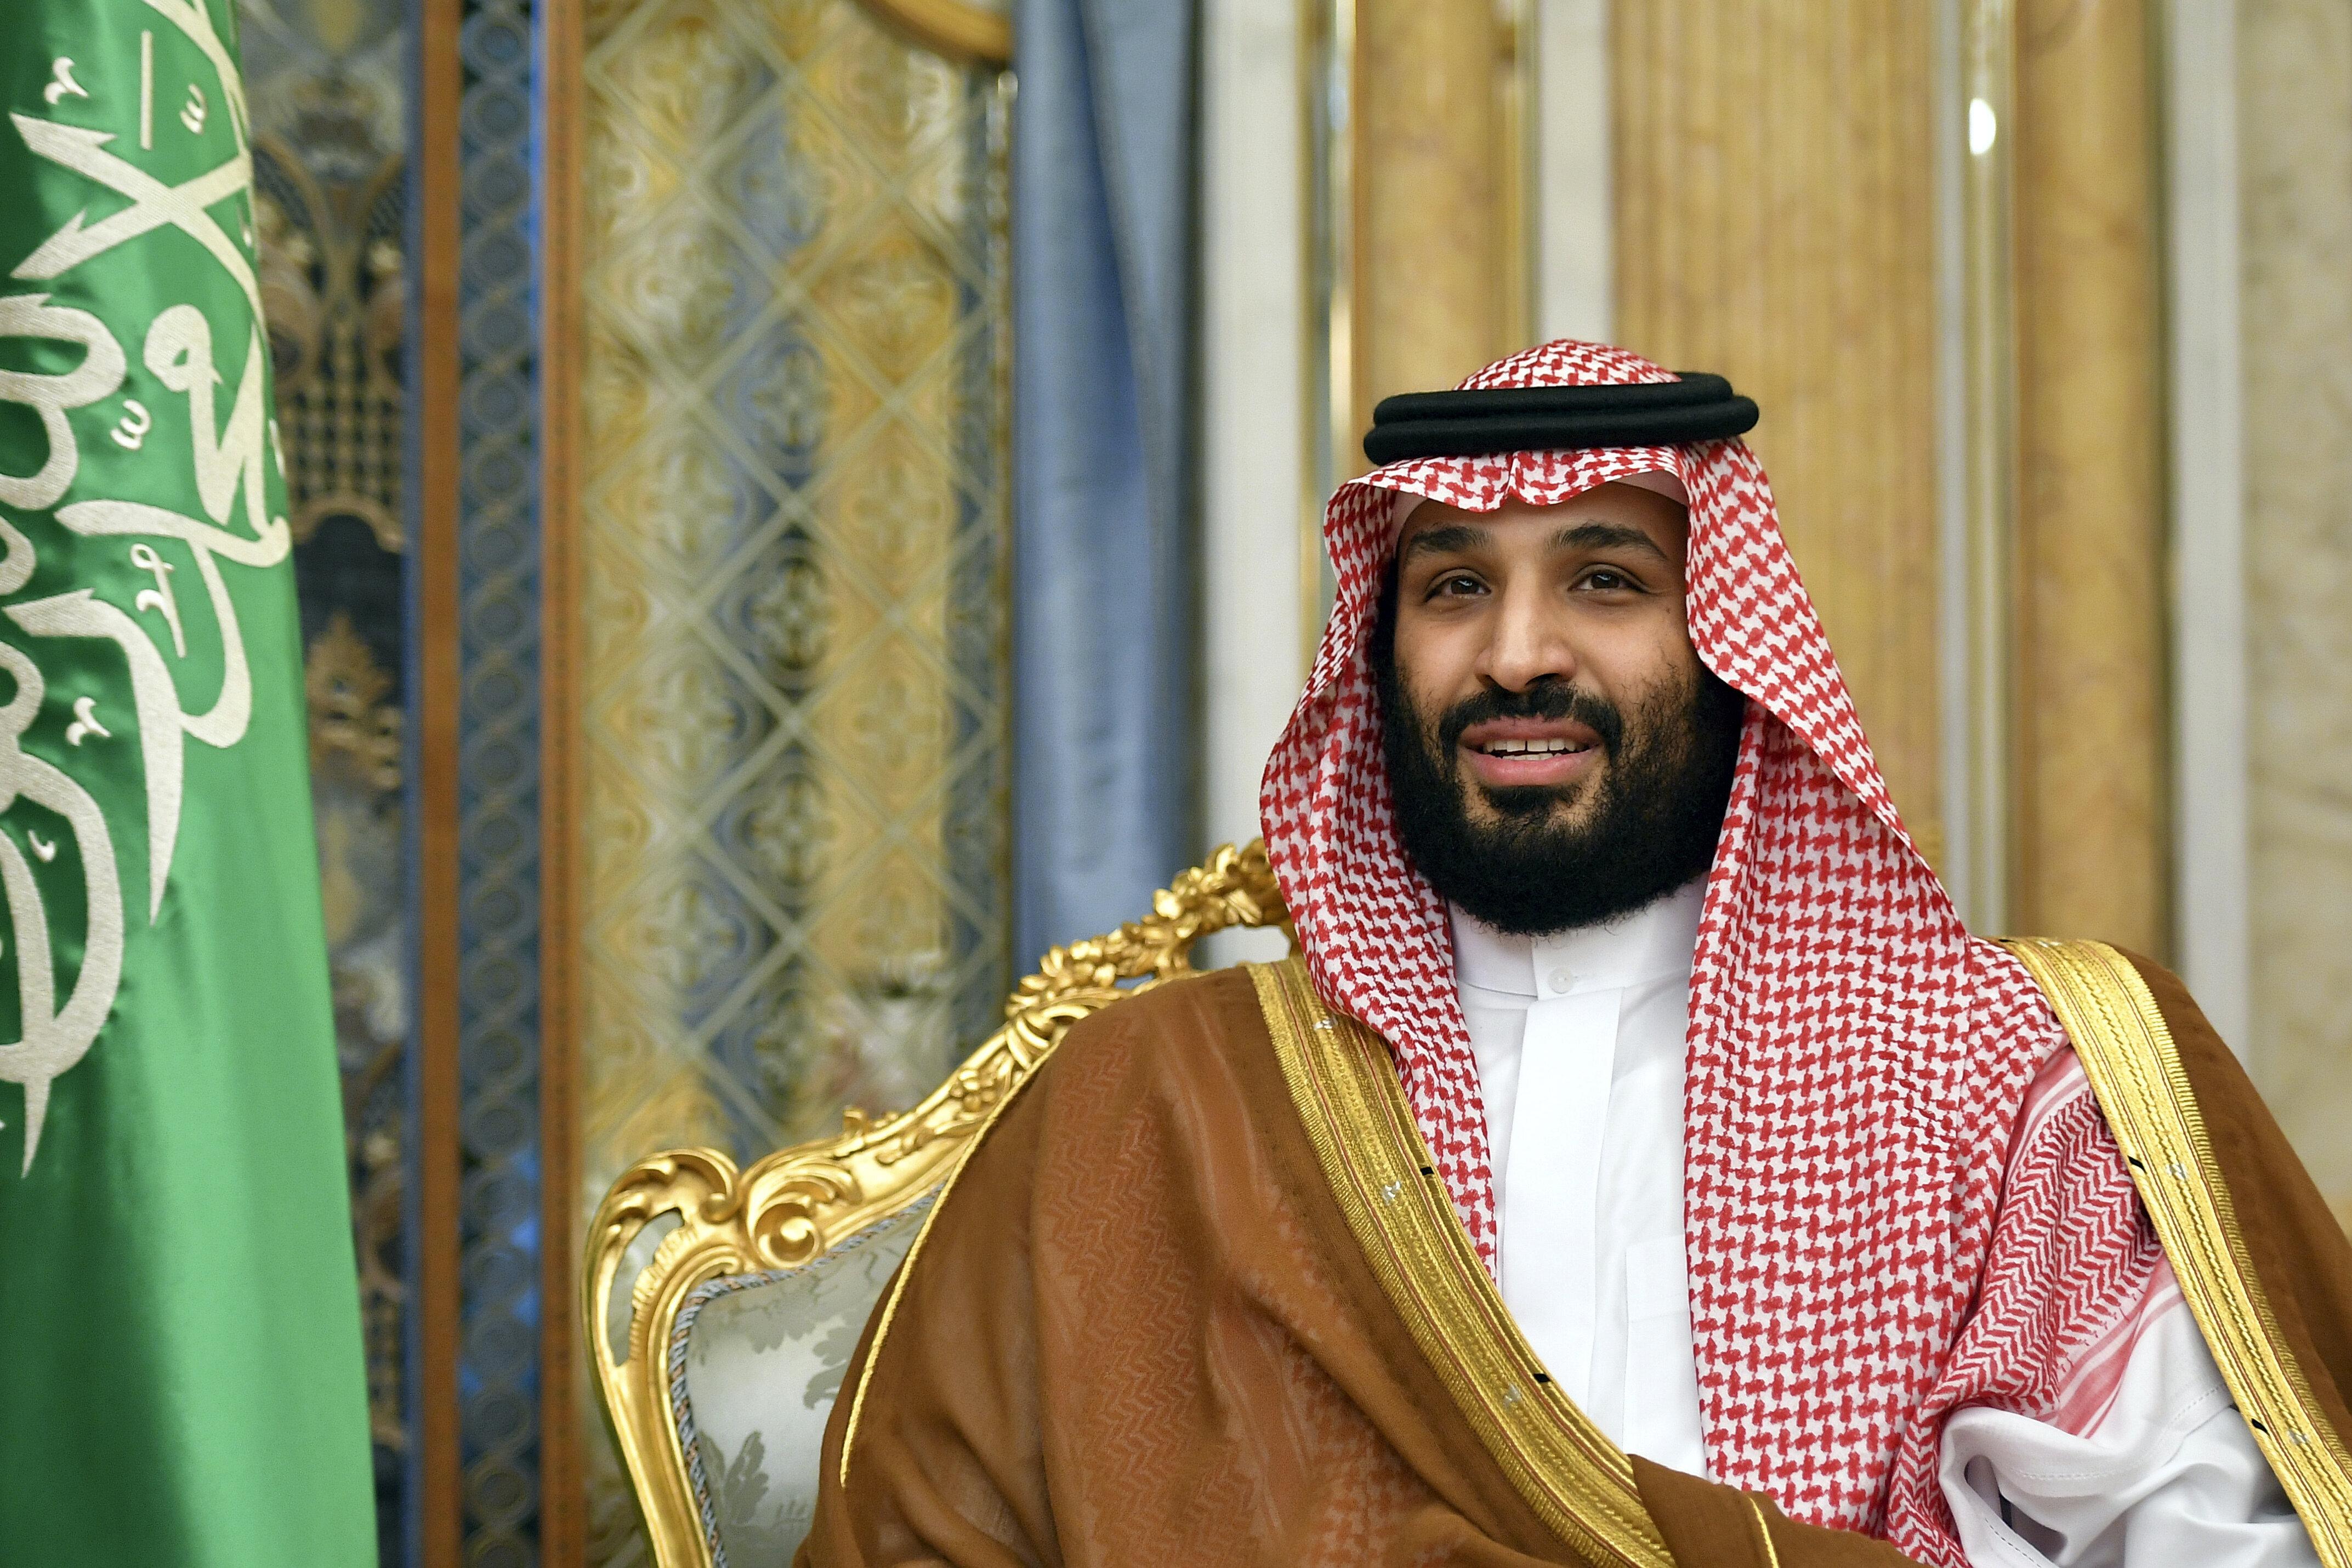 Saudi Arabia Helps Violent Fugitives Flee U.S. Justice System, FBI Says